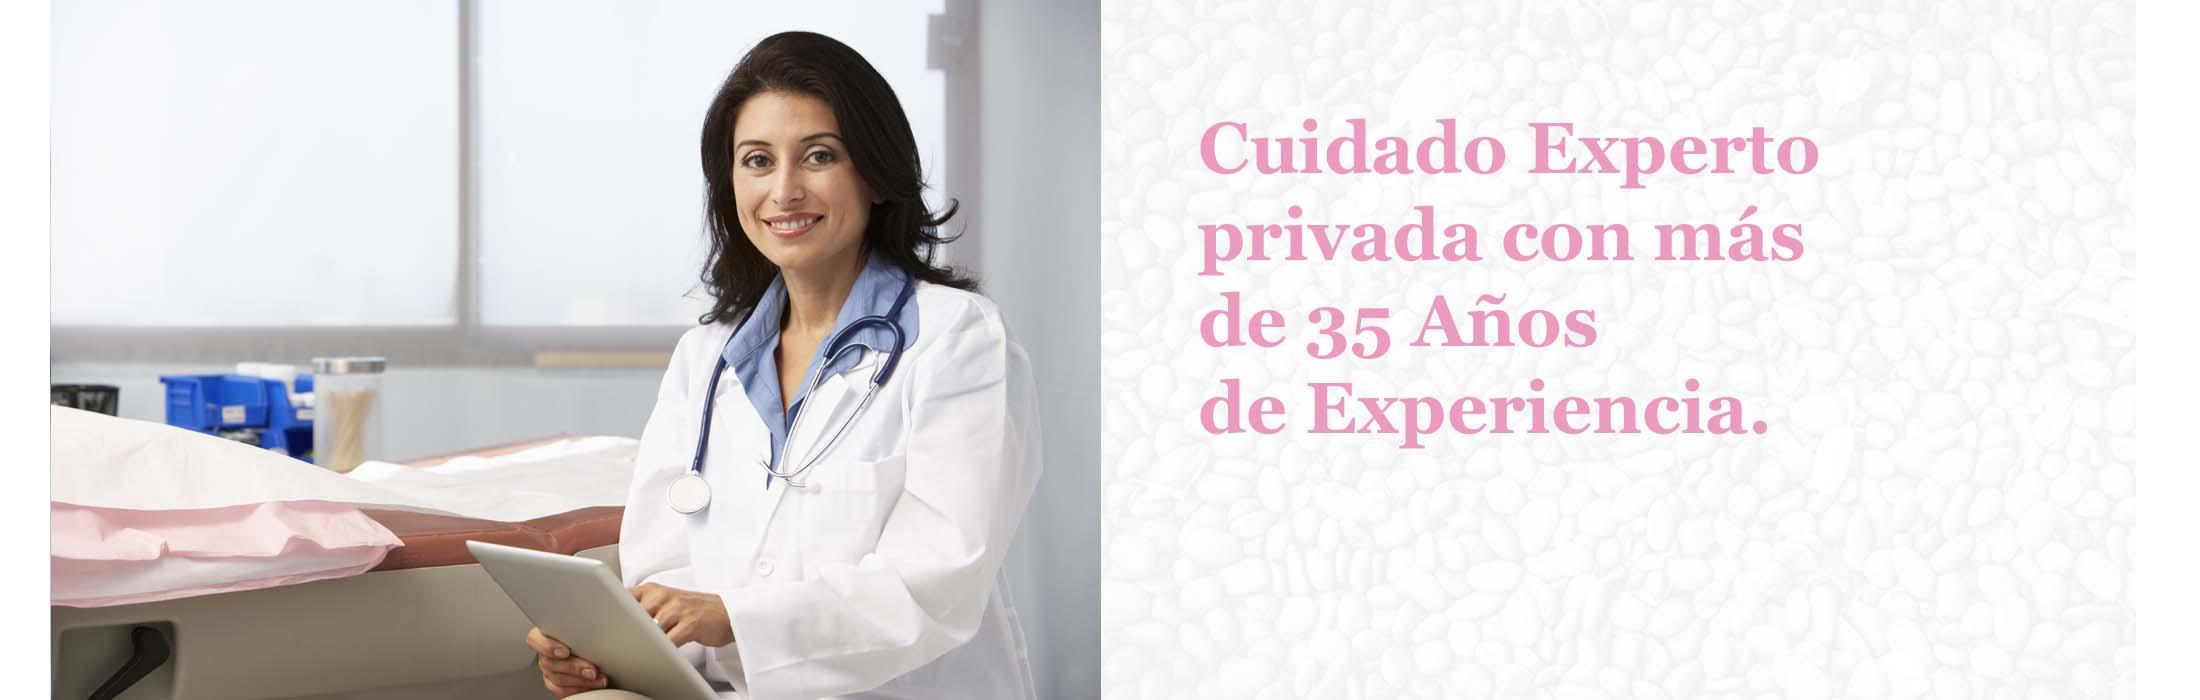 Cuidado Experto privada con más de 35 años de experiencia.